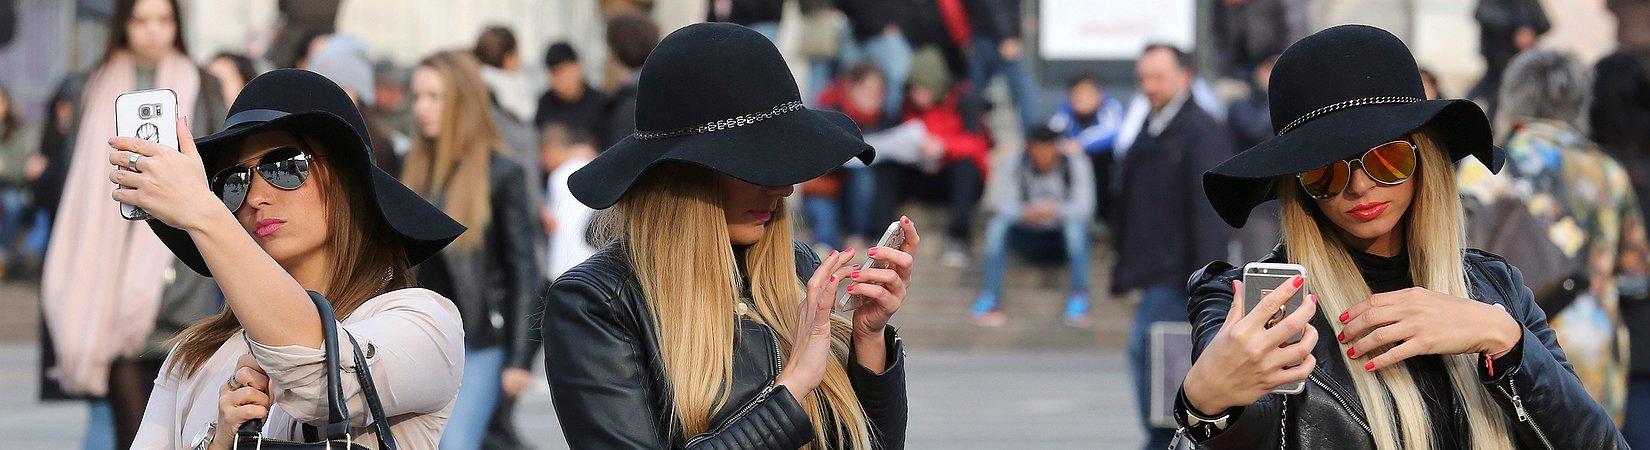 La publicidad móvil: la nueva televisión